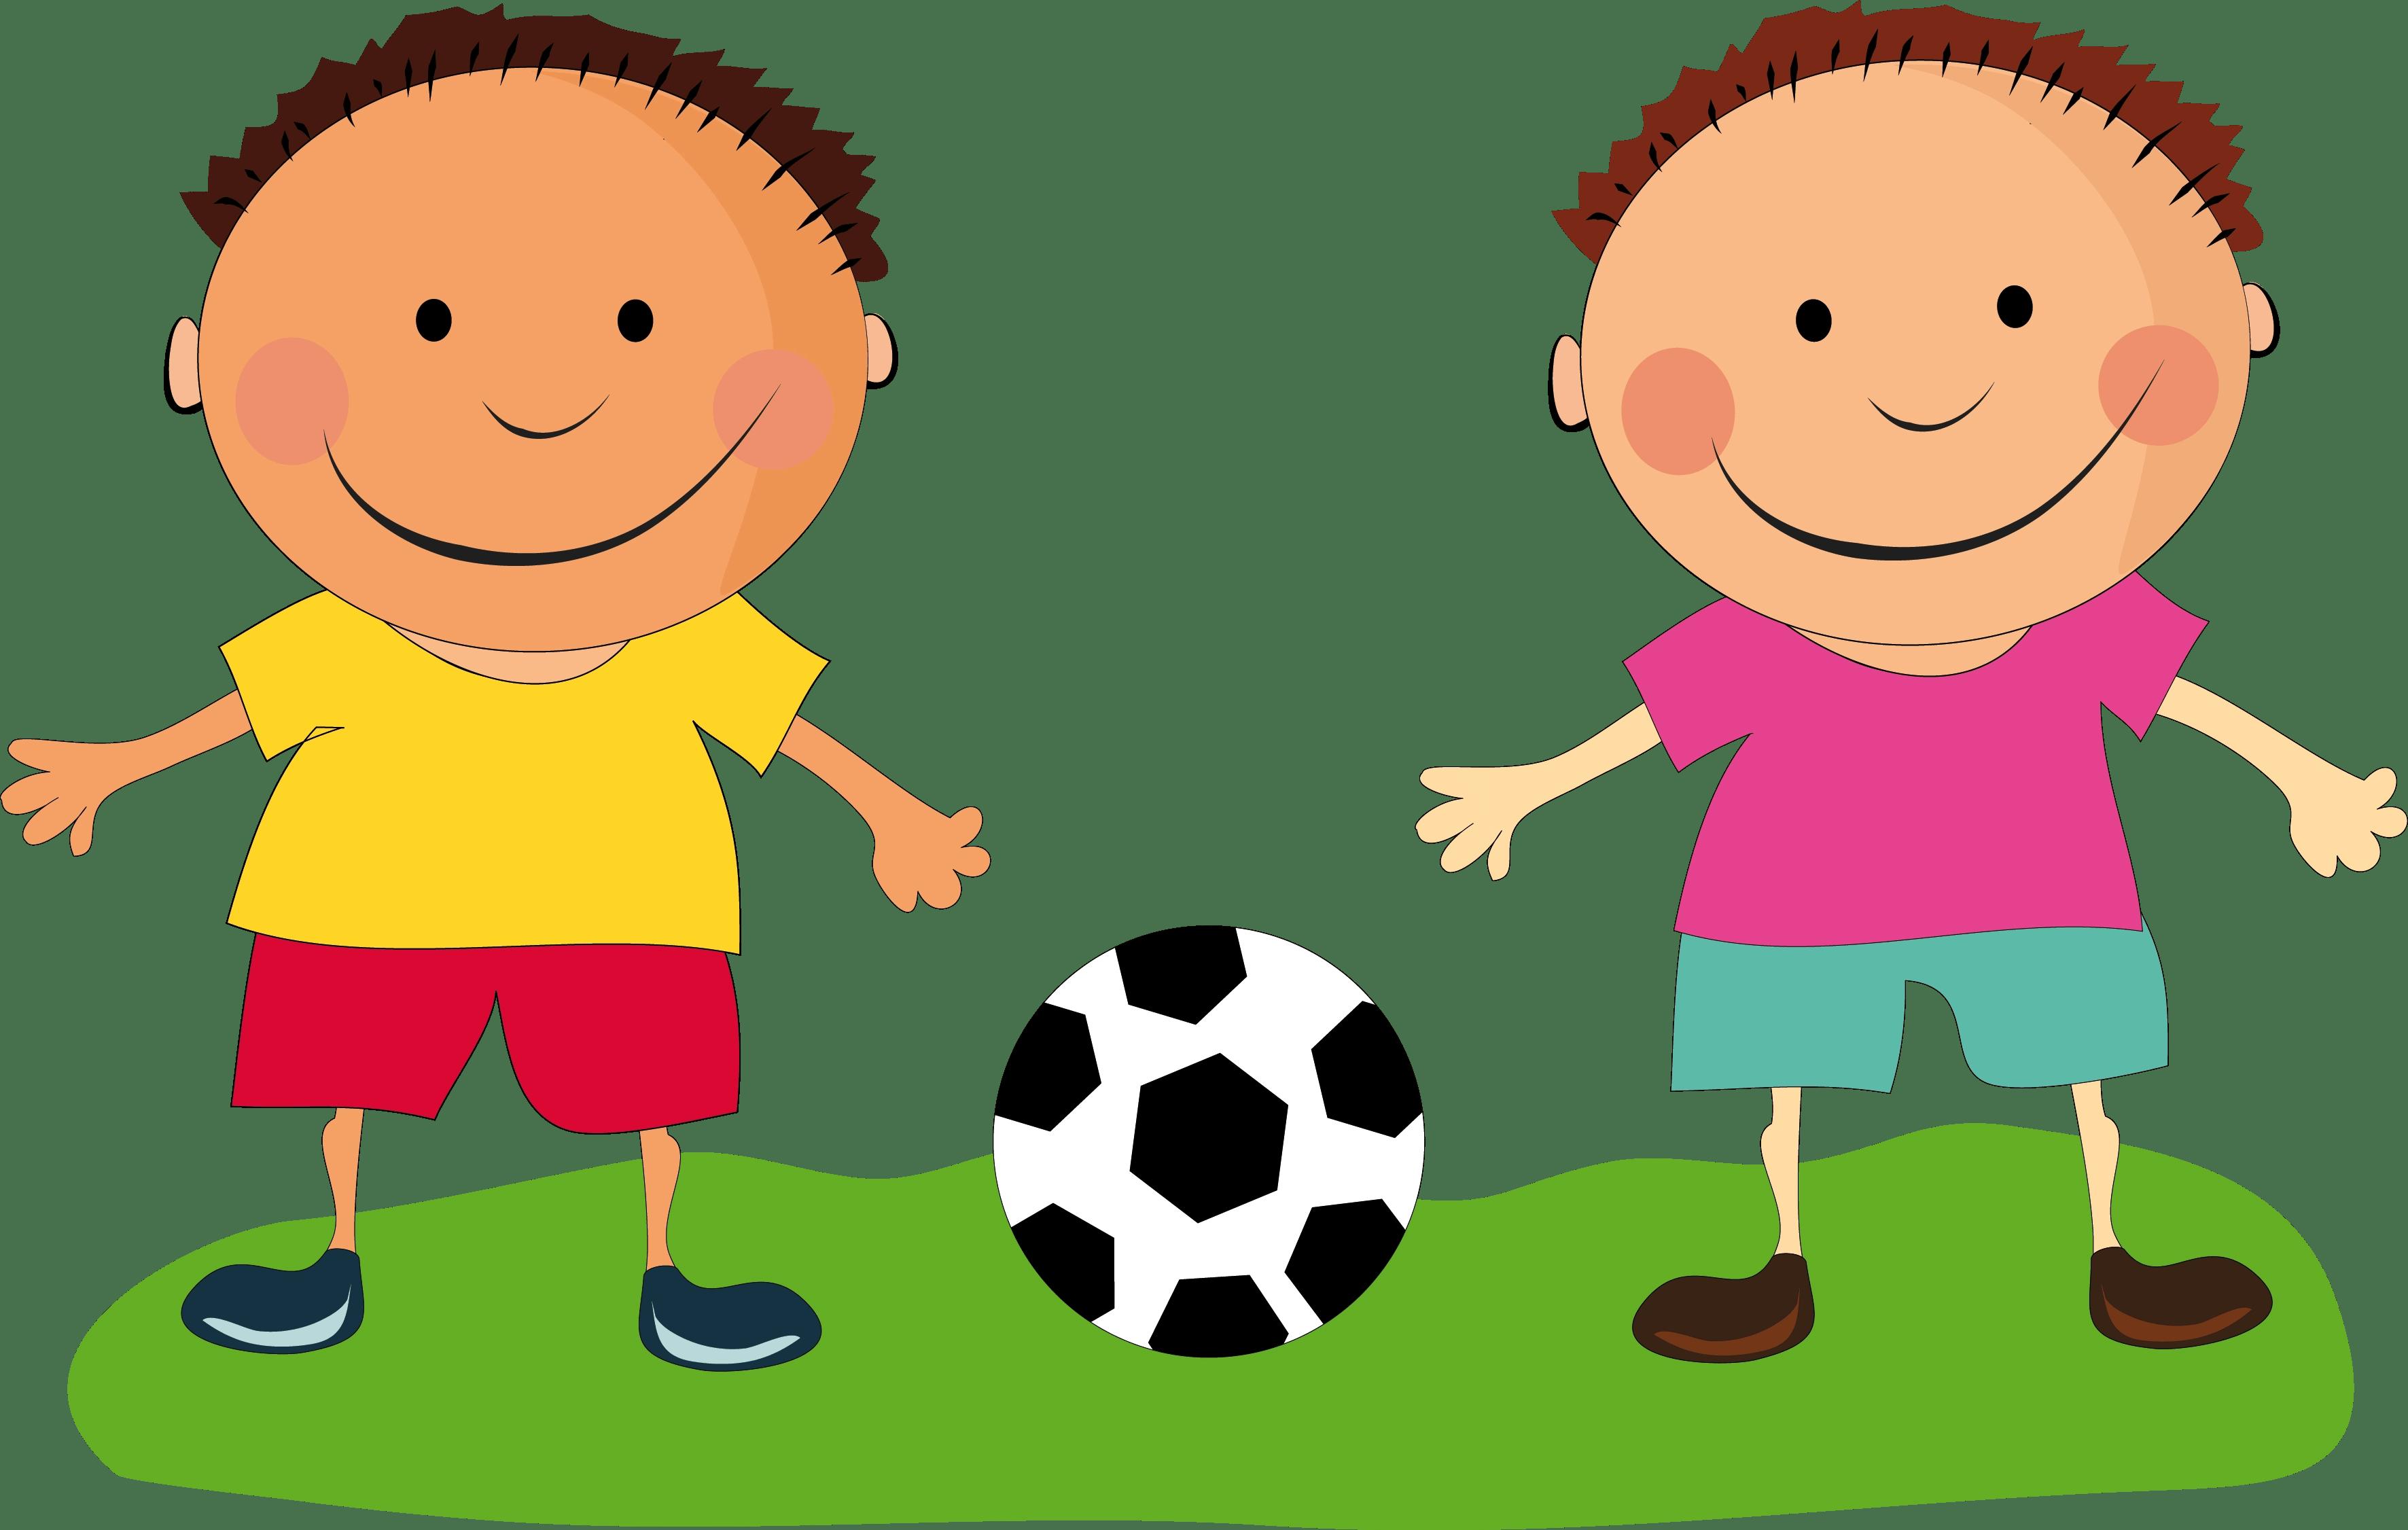 Cuento infantil carlos quiere jugar - Alfombras infantiles para jugar ...